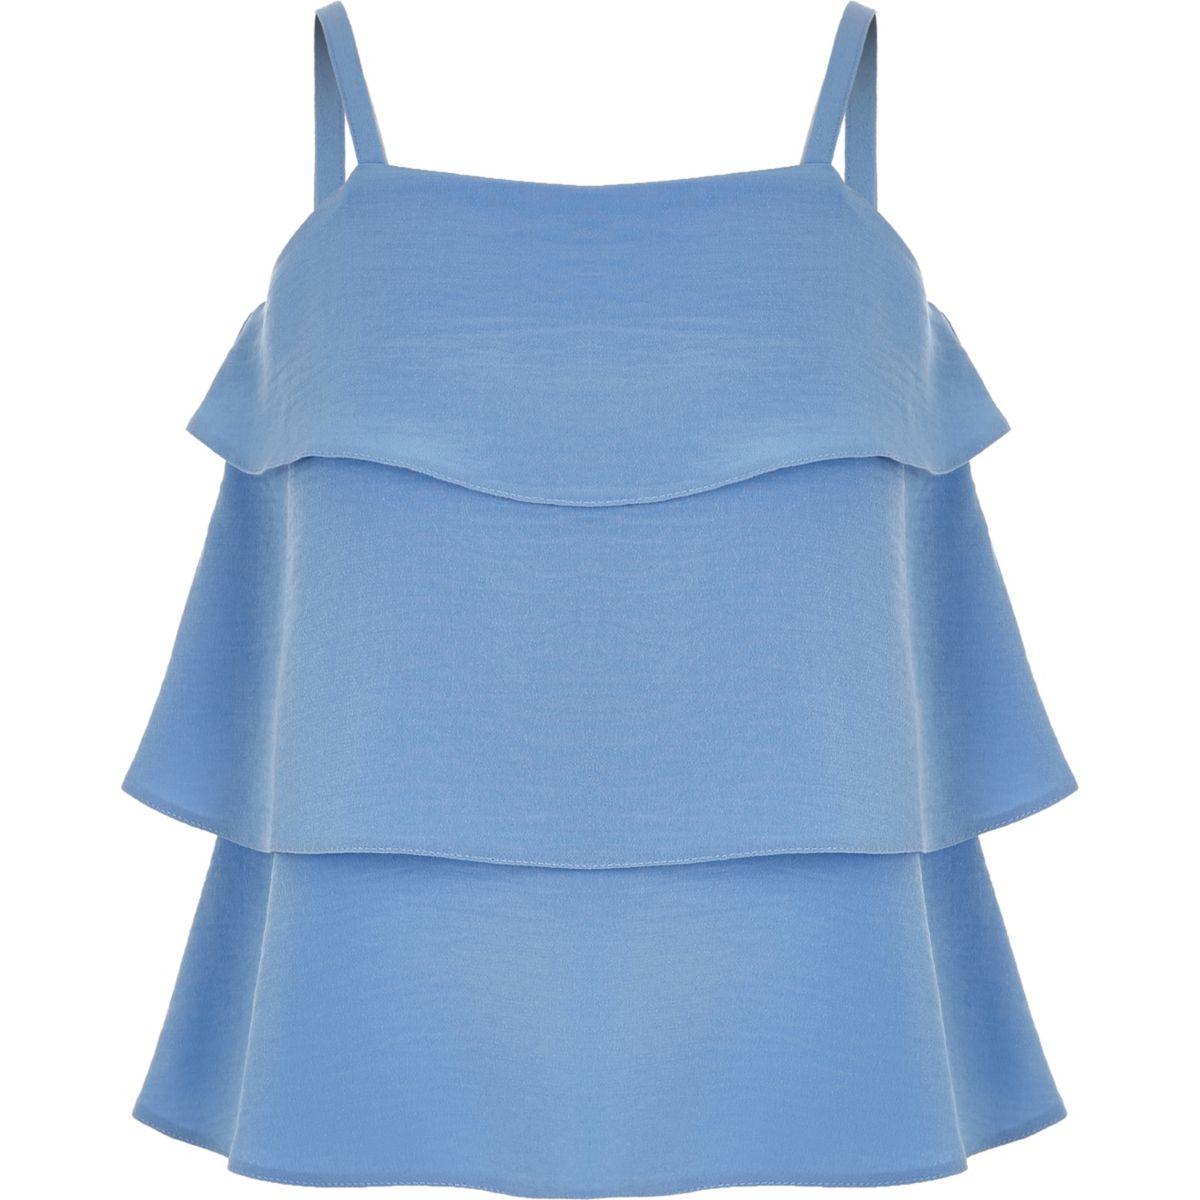 Blaues, gestuftes Camisole